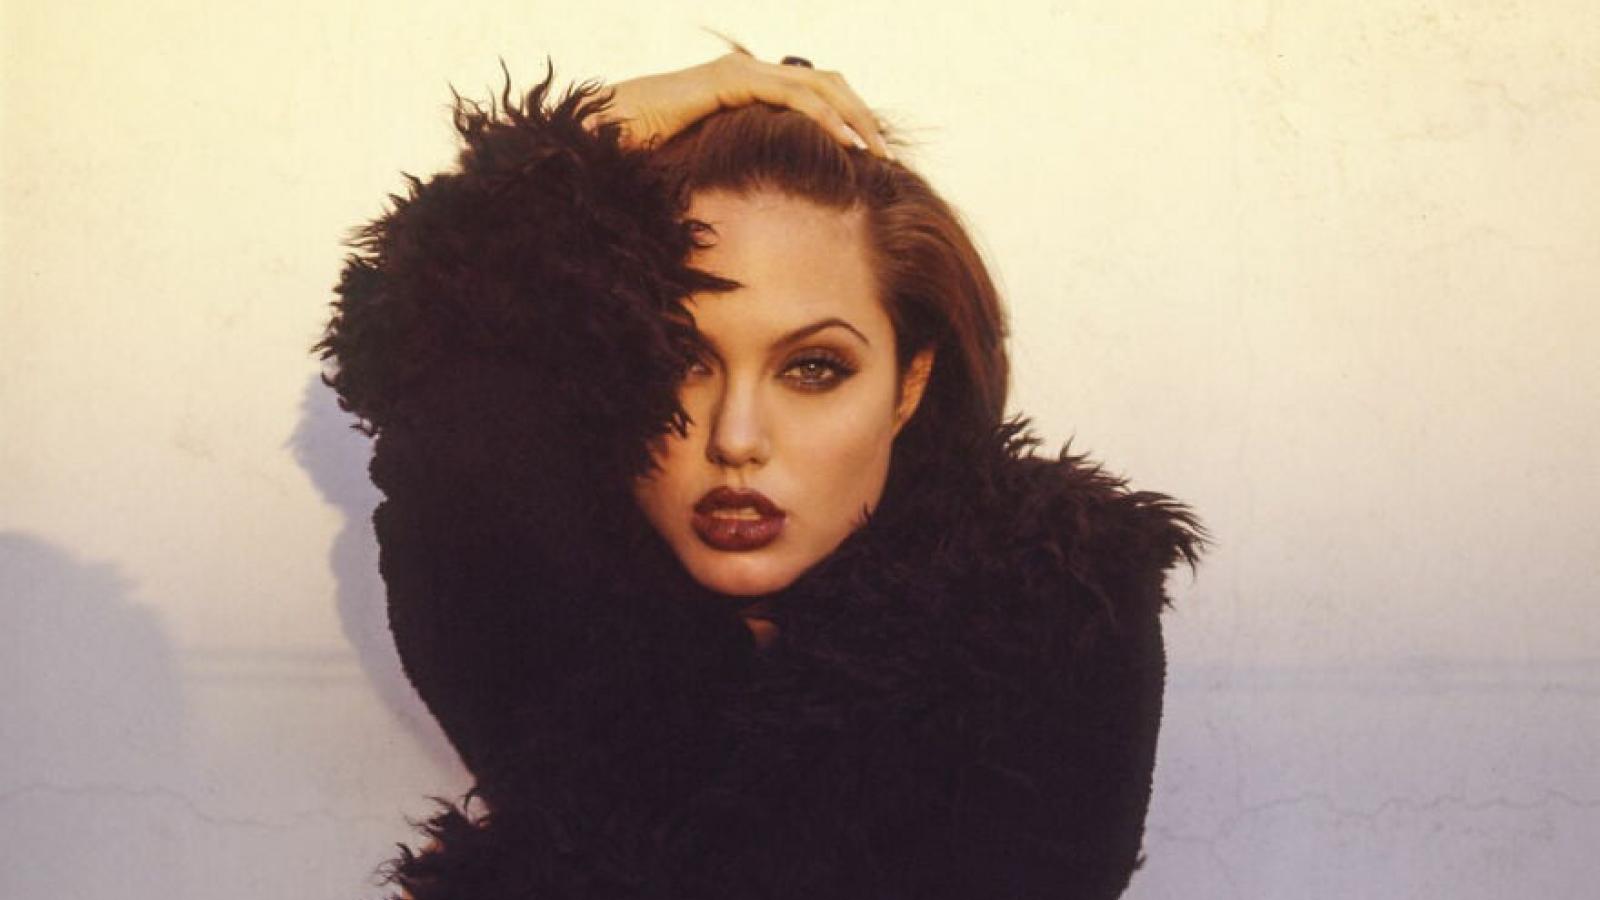 Hé lộ loạt ảnh táo bạo, nổi loạn của Angelina Jolie ở tuổi 19